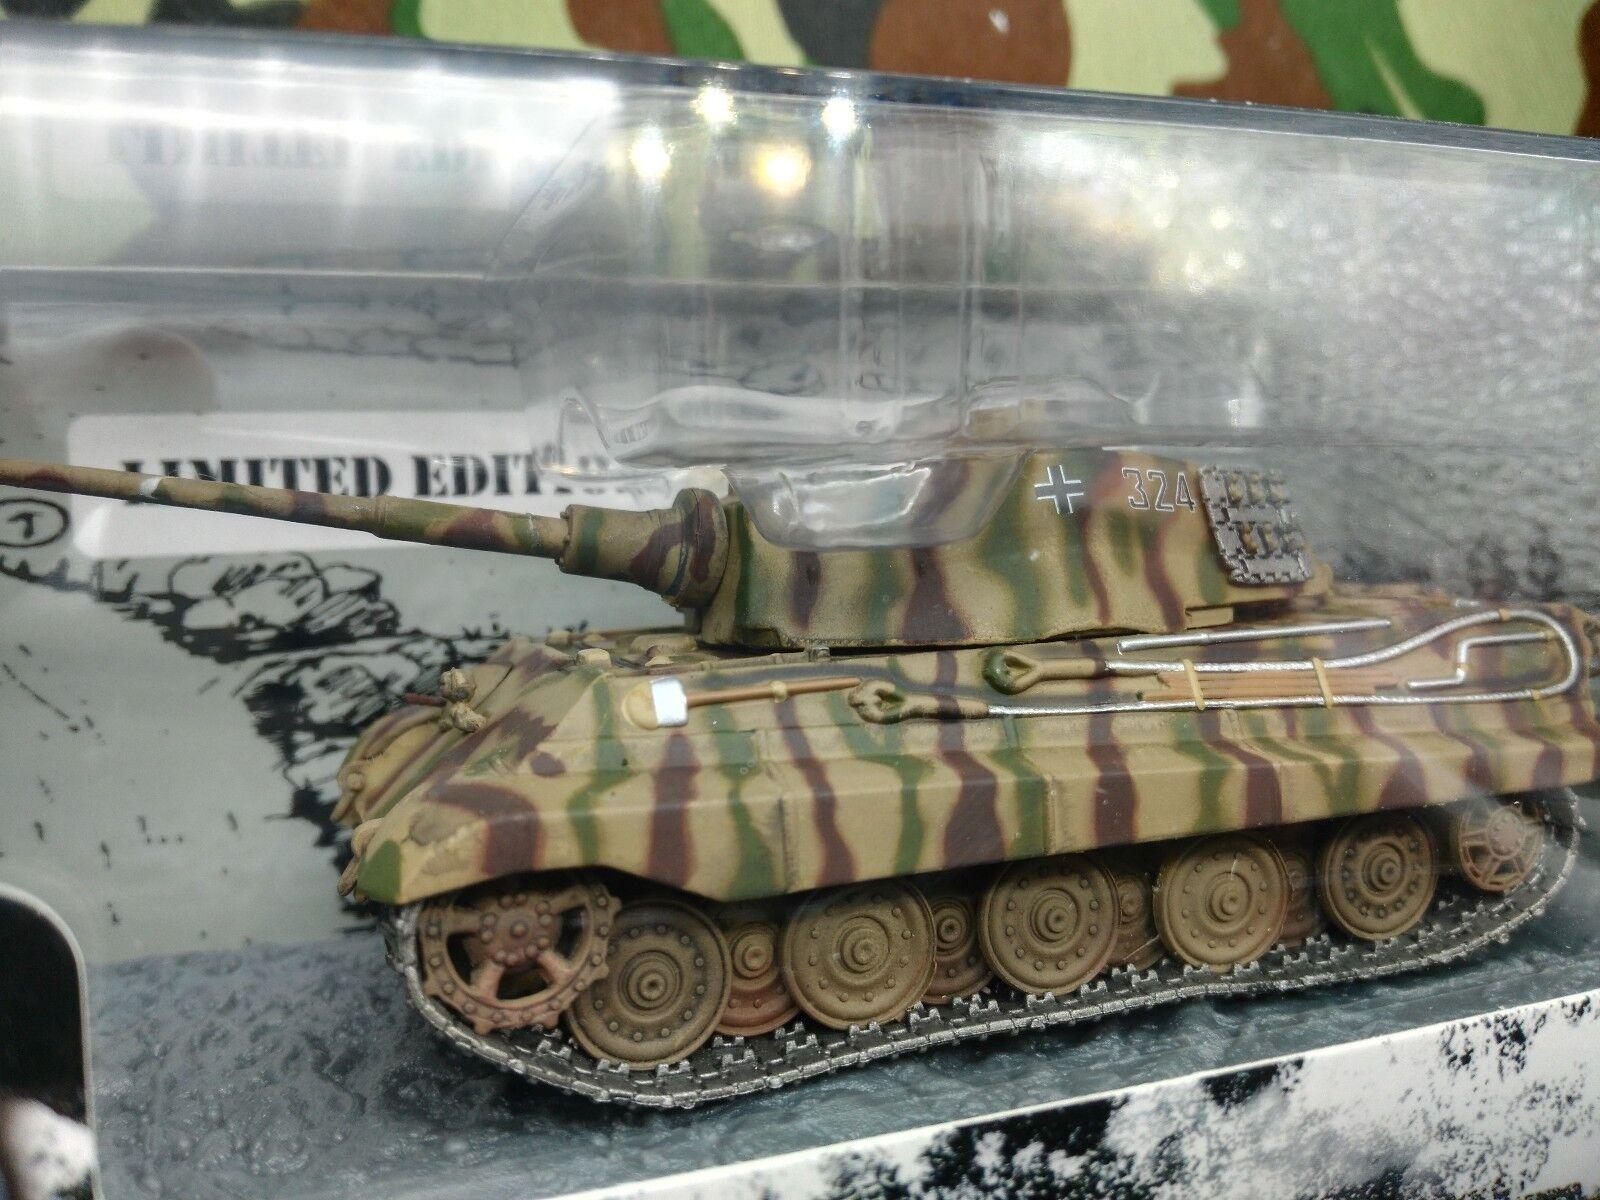 Warmaster Dragon Armor  1 72 King Tiger II Tank voiturero Armato TANQUE  livraison et retours gratuits